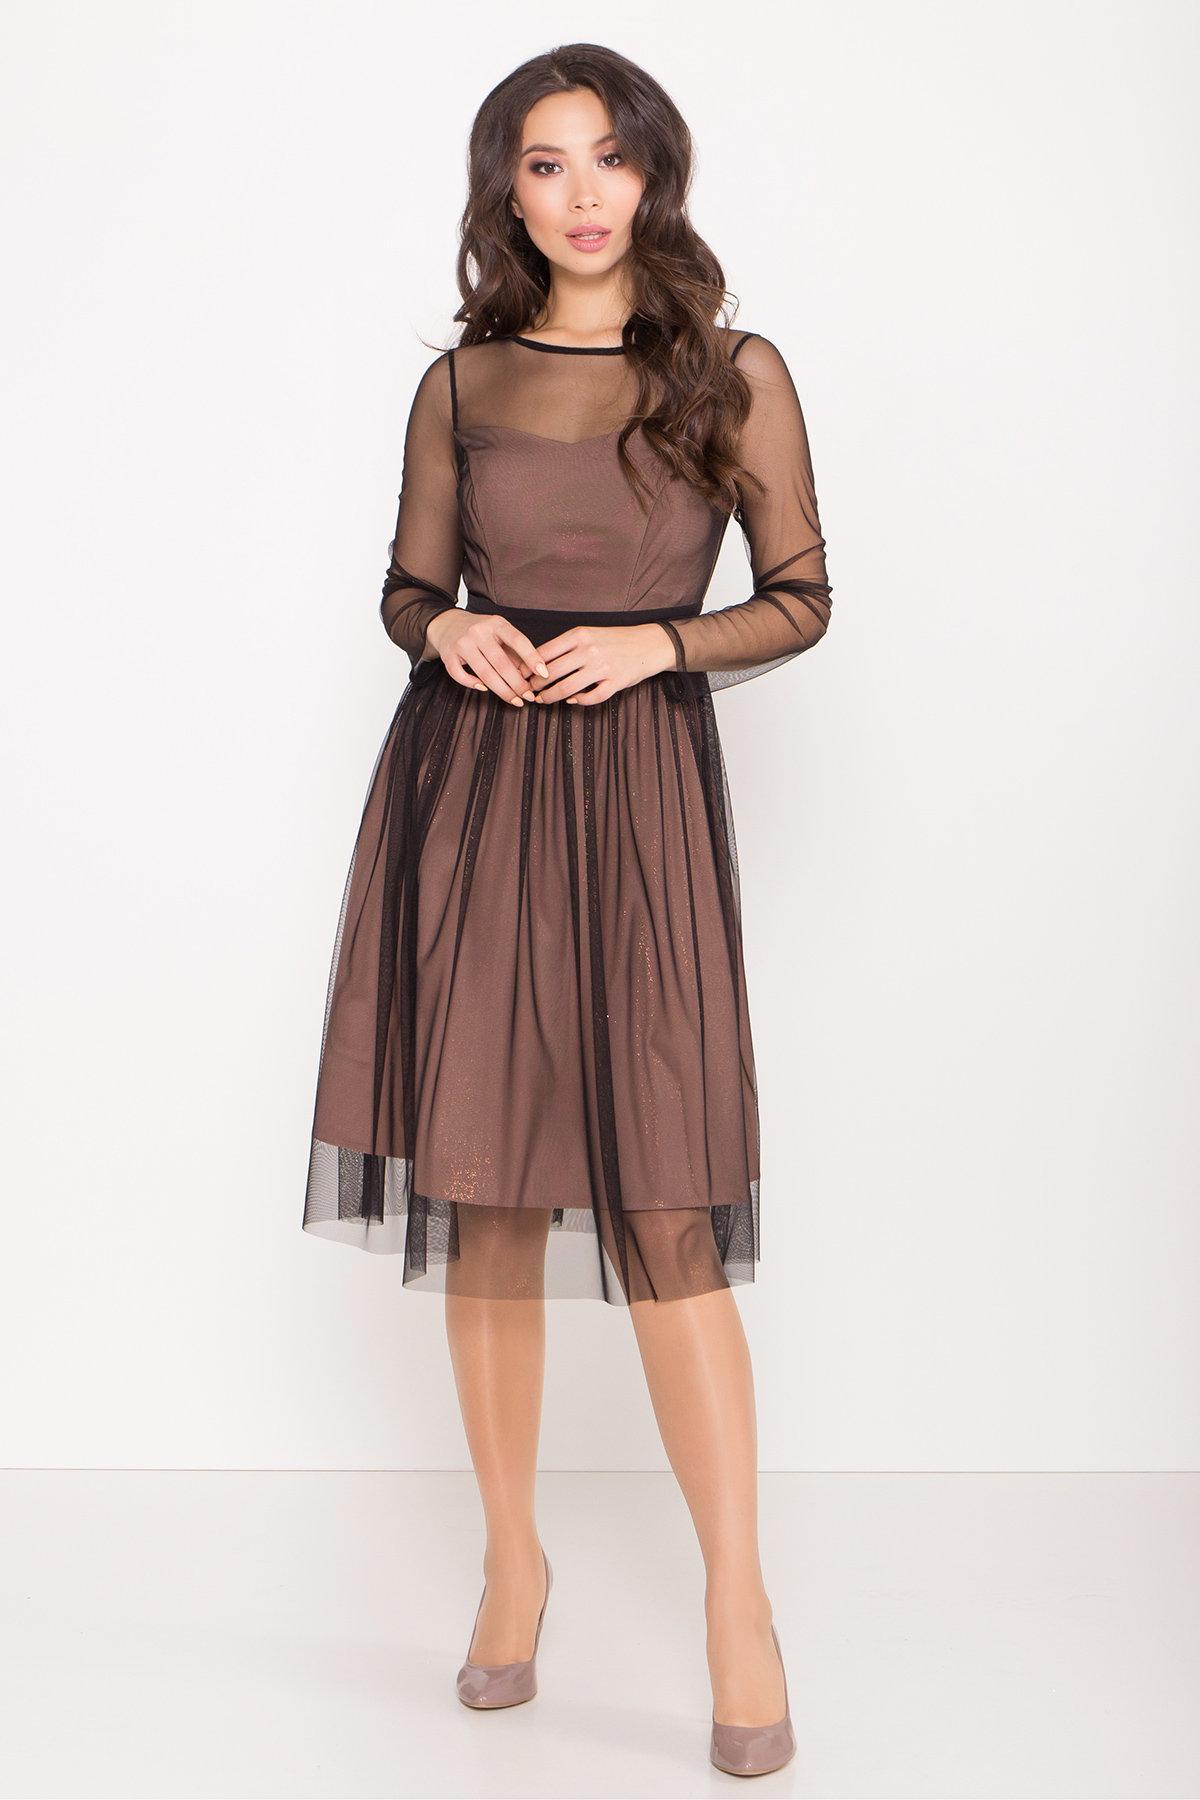 Платье миди длины с юбкой солнце-клеш Роял 8681 АРТ. 45006 Цвет: Черный/золото - фото 4, интернет магазин tm-modus.ru